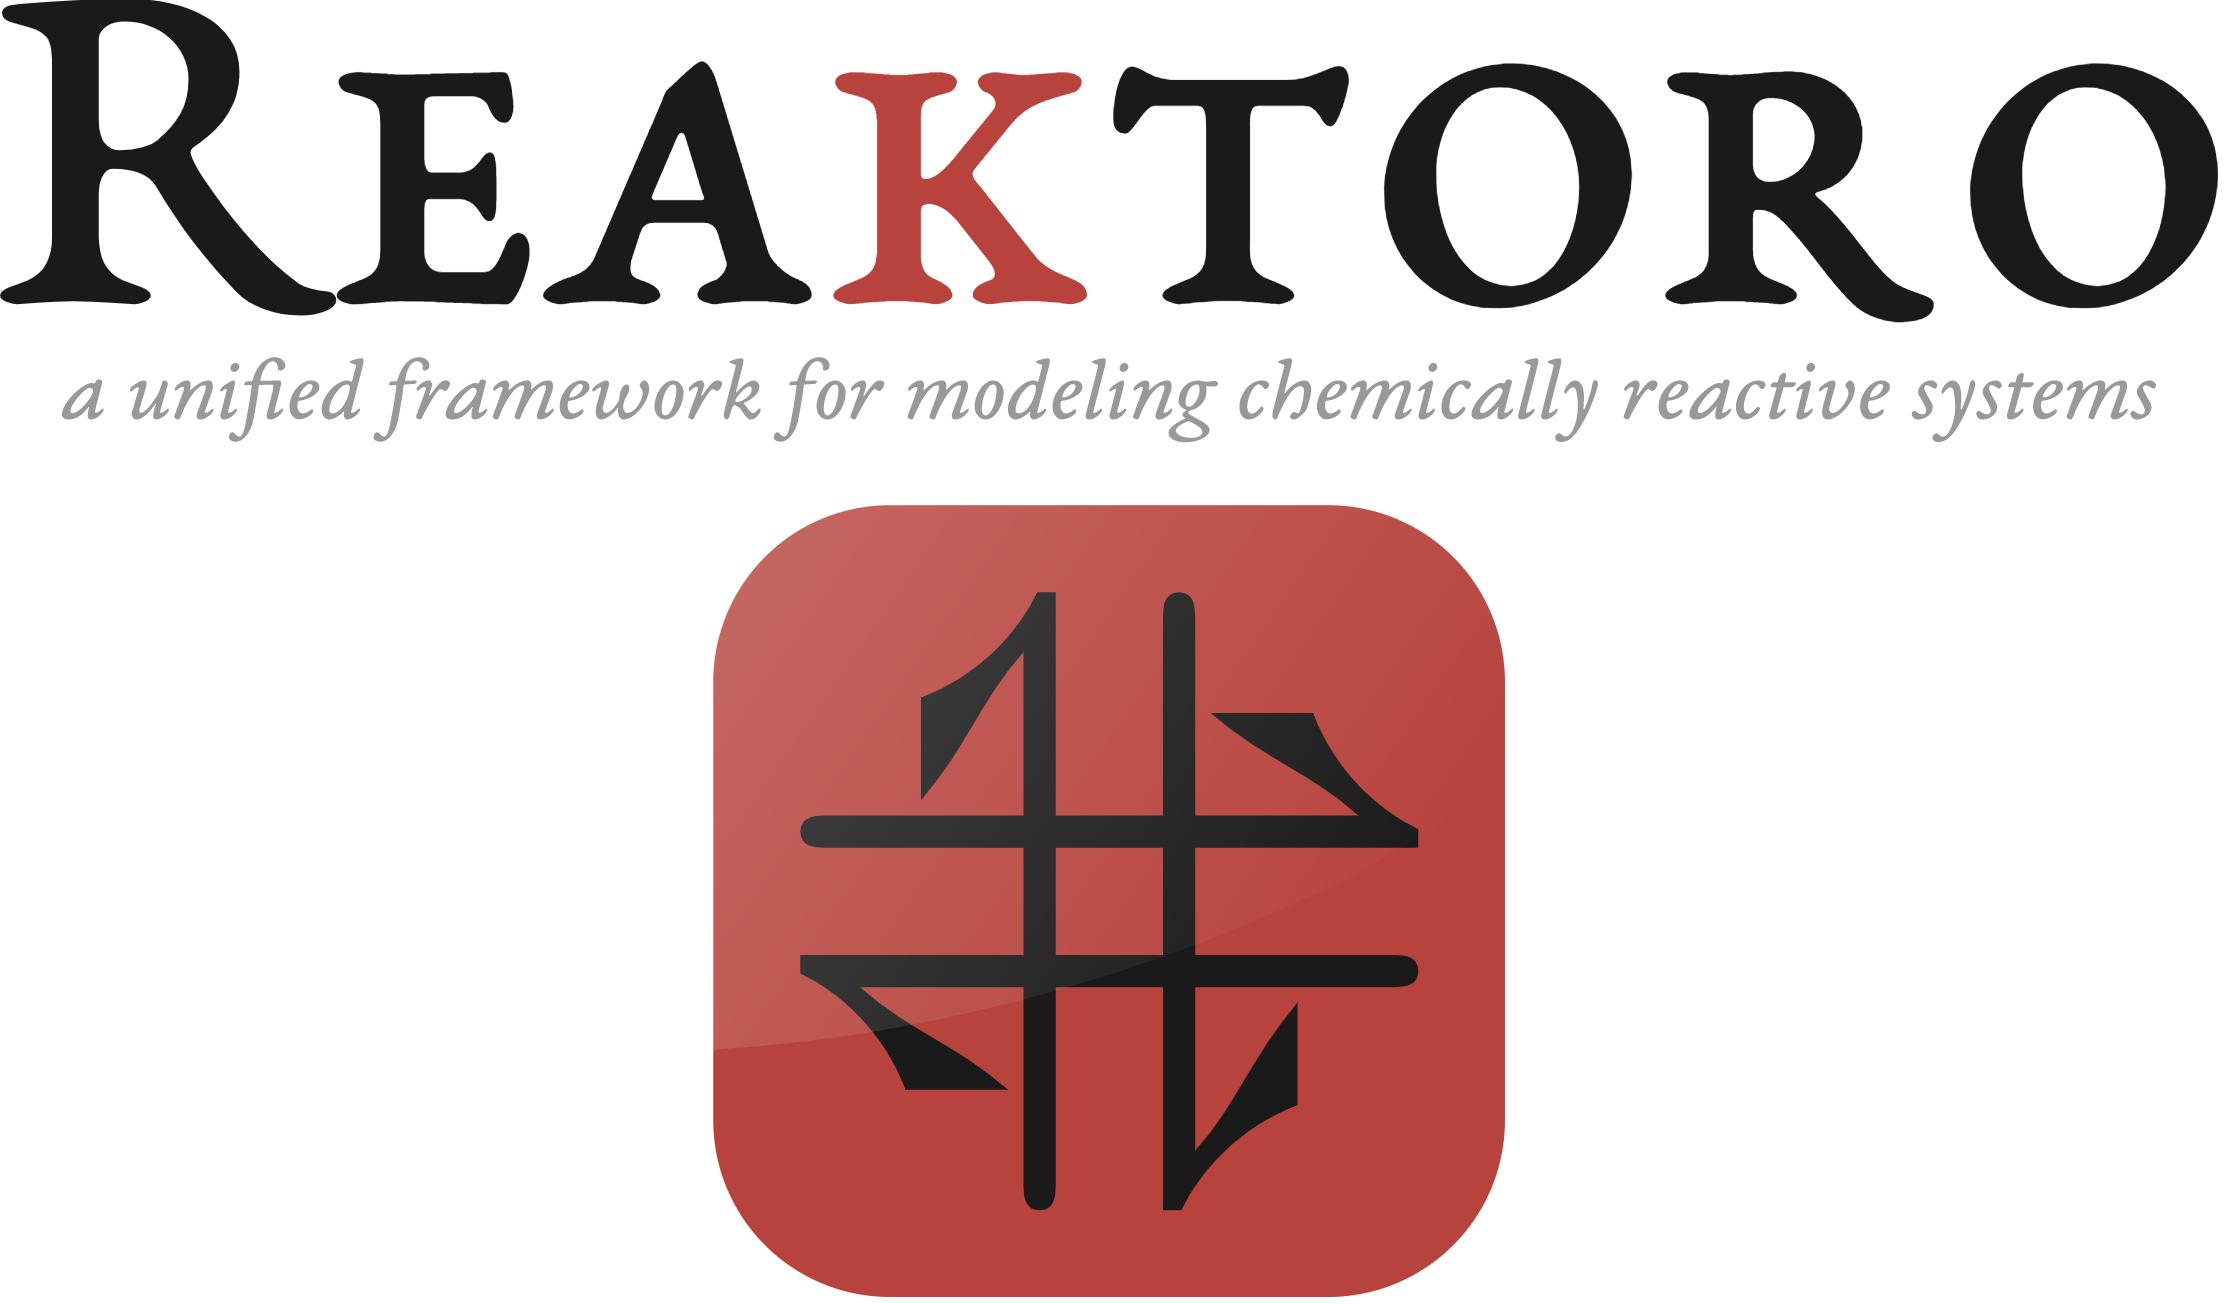 reaktoro-logo